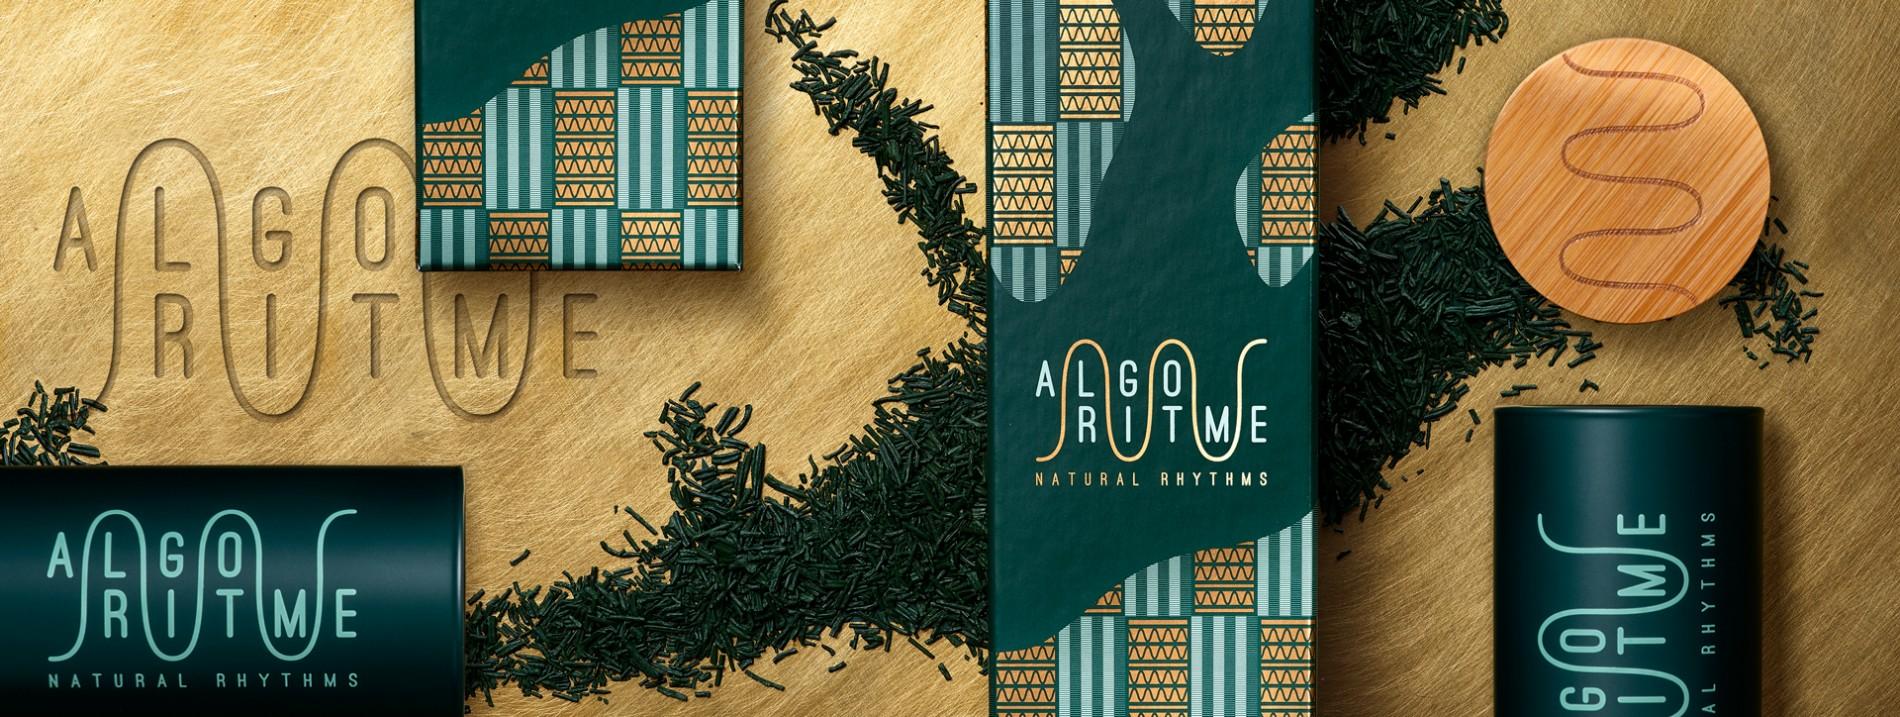 Quatre Mains package design - Package design branding, packaging, spirulina, seaweed, ghana